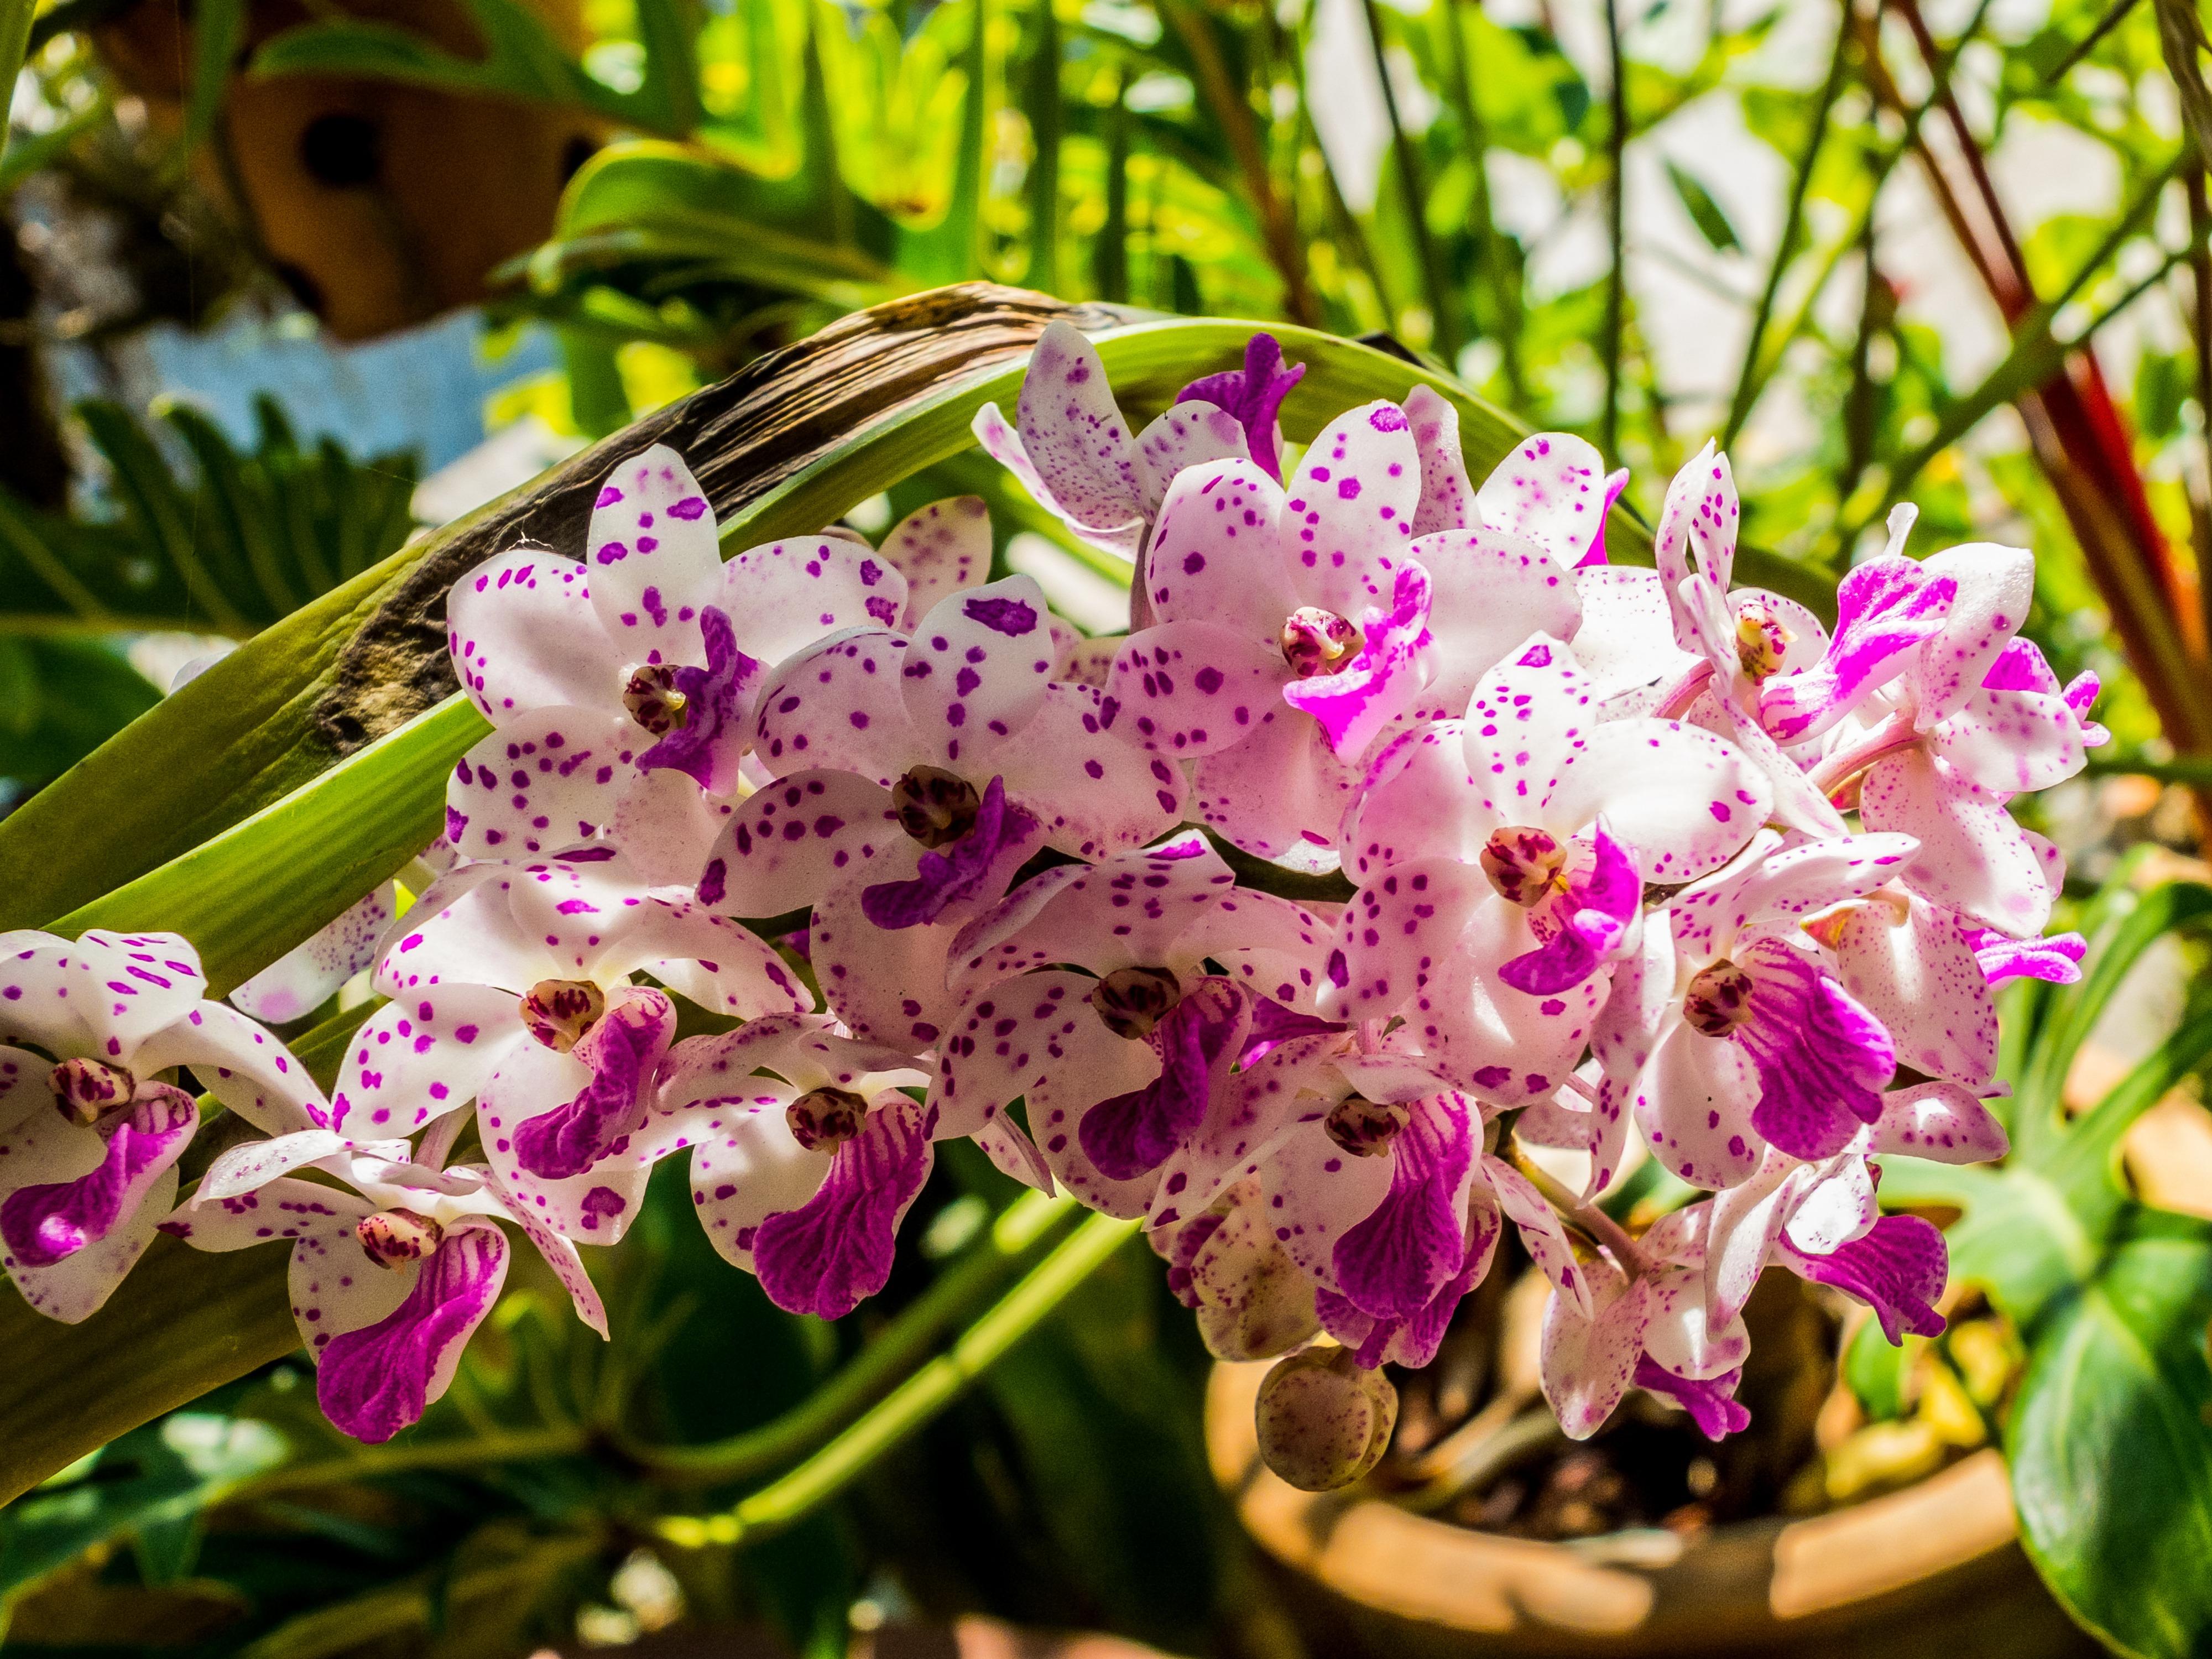 орхидея с мелкими цветами название небольшие группы туристов